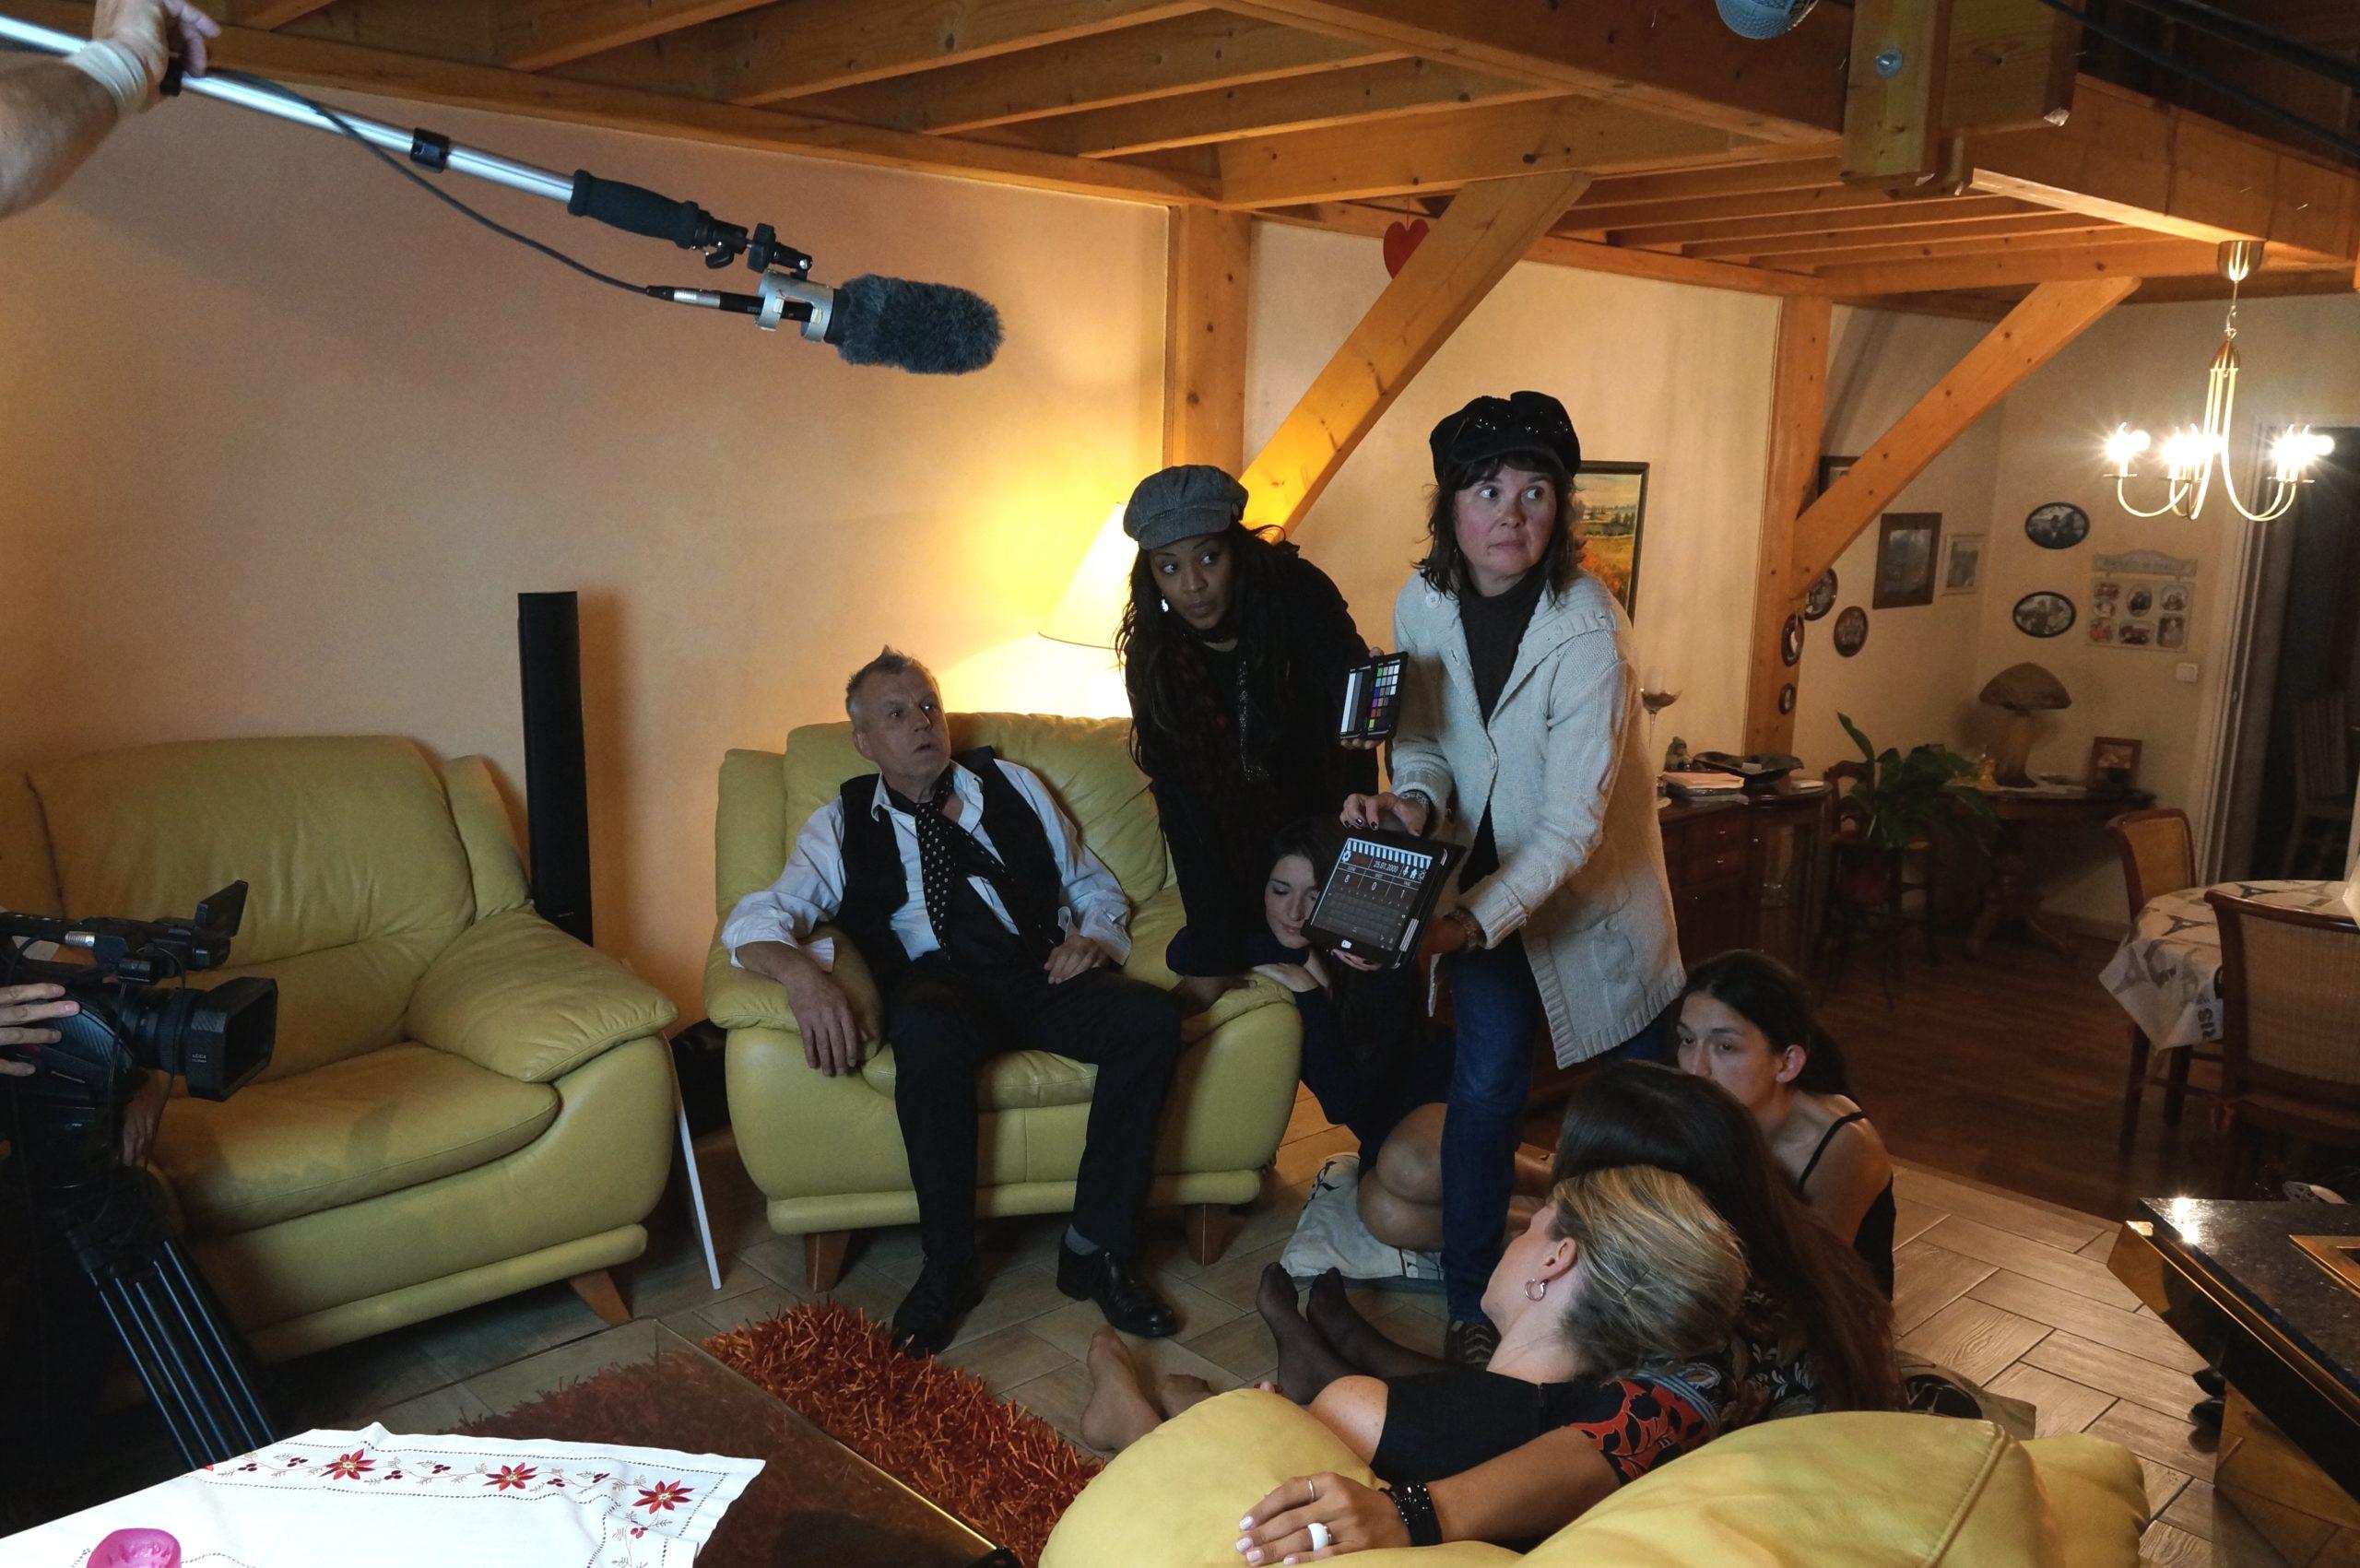 Tontons cadreurs 48hfp 2016 Portrait de famille tournage 5